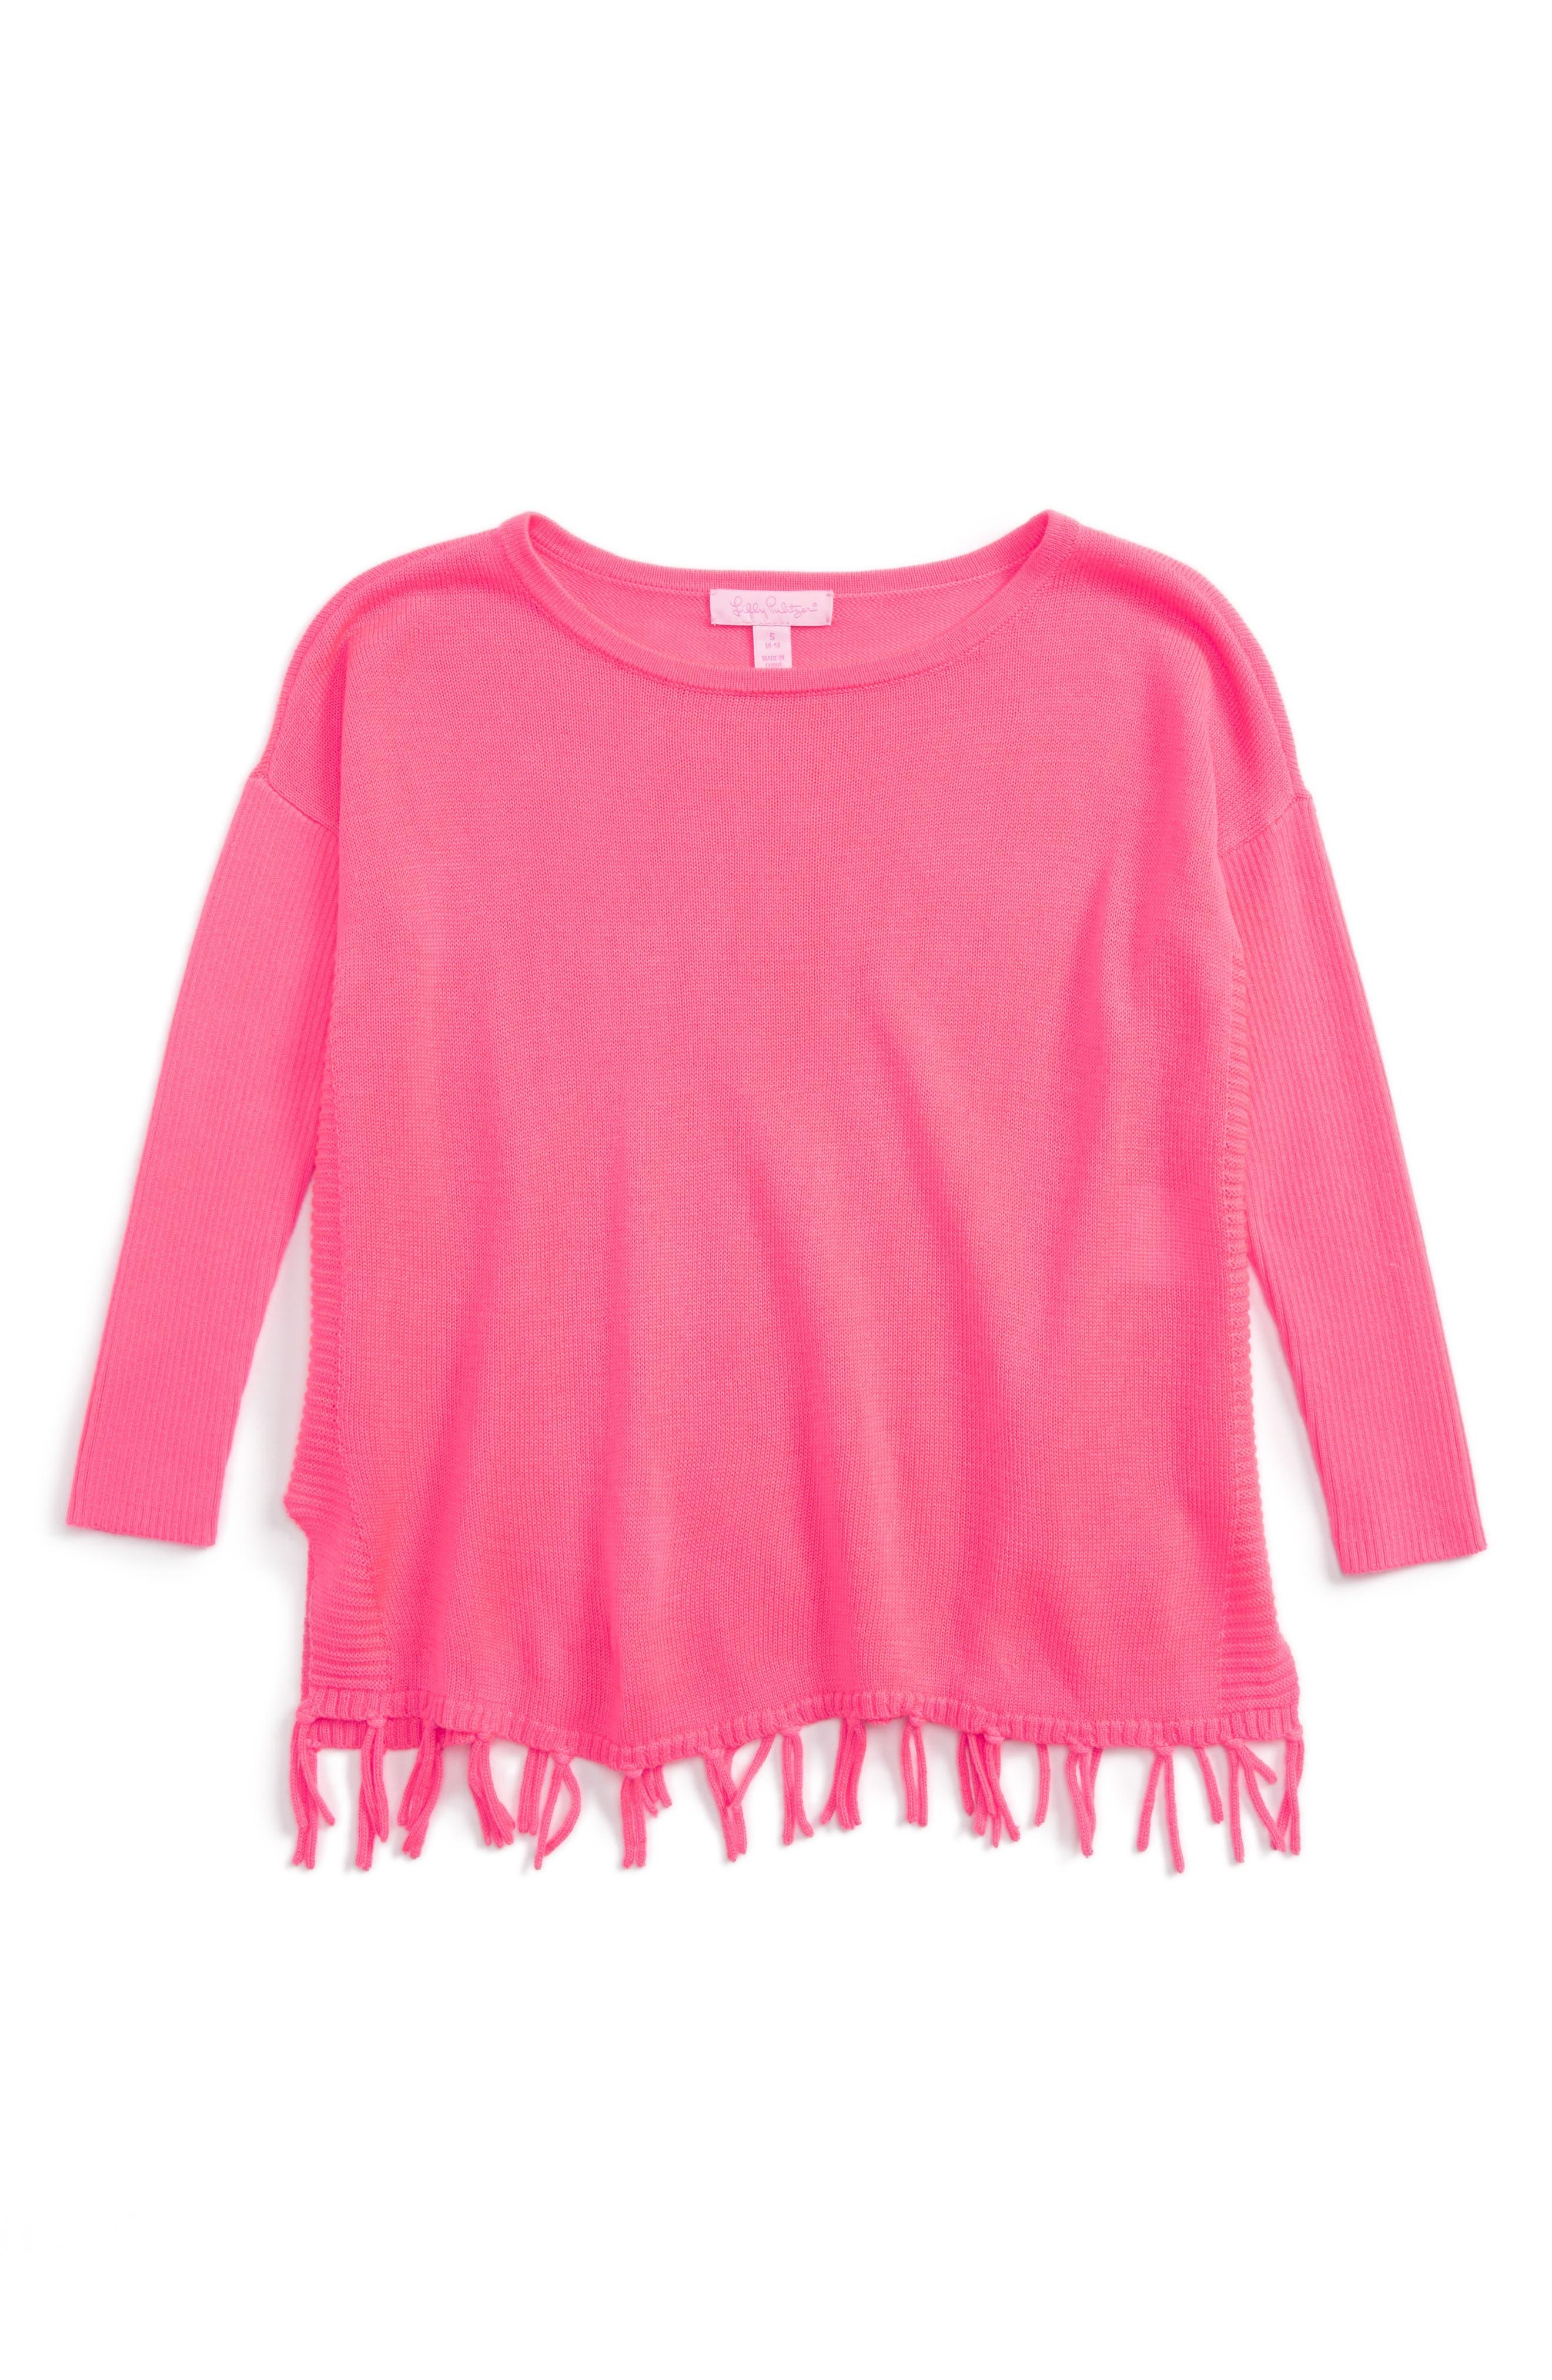 Main Image - Lilly Pulizter® Mini Ramona Sweater (Little Girls & Big Girls)